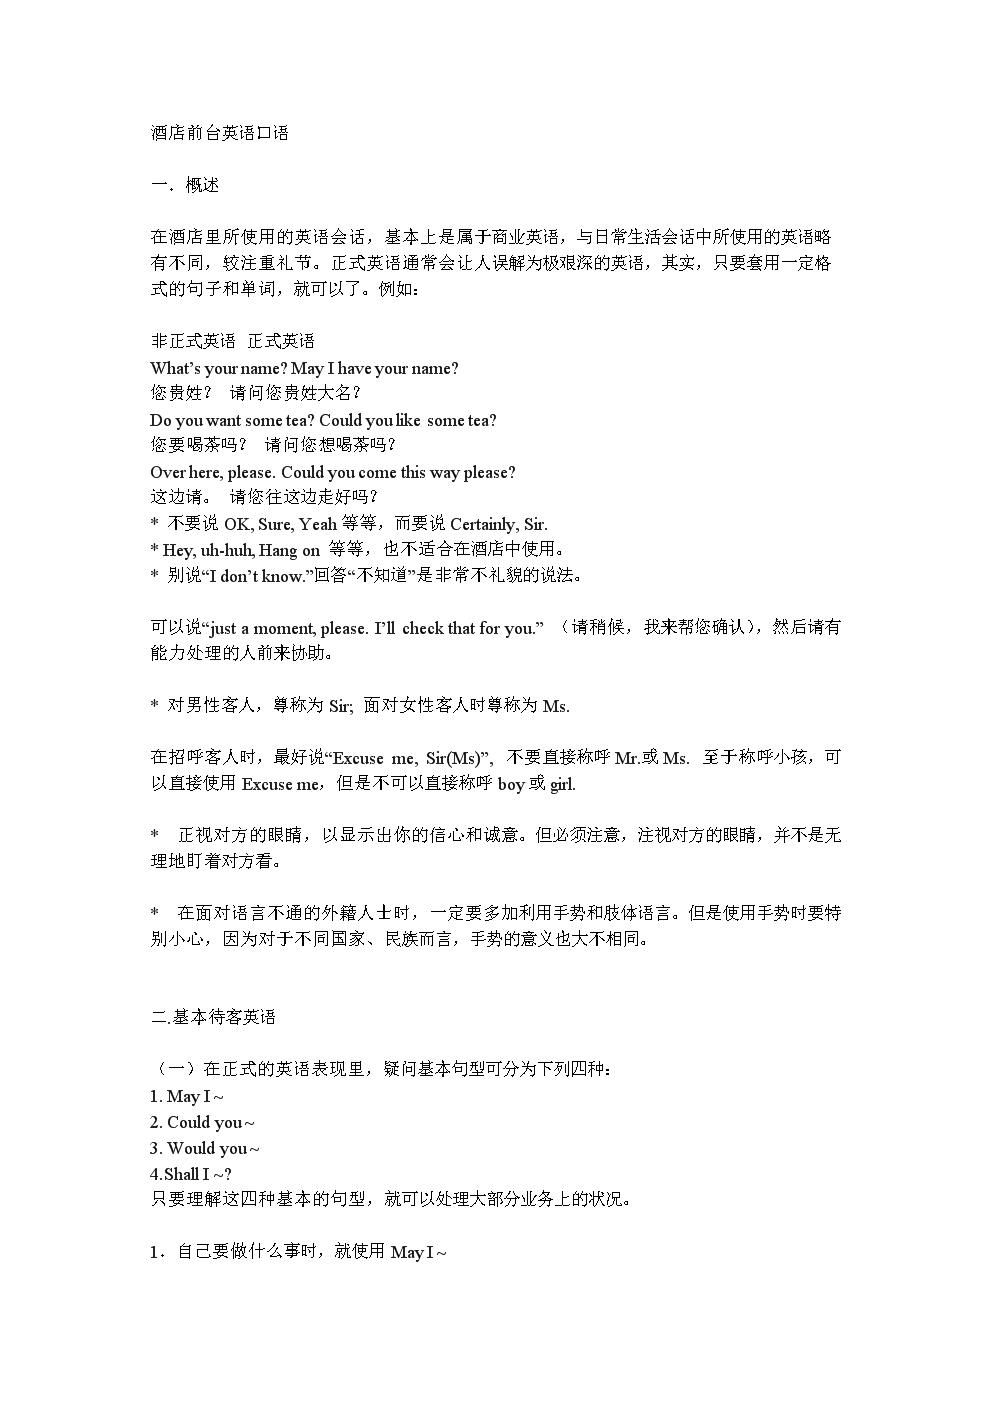 二零一六酒店前台英语口语训练-93页.doc